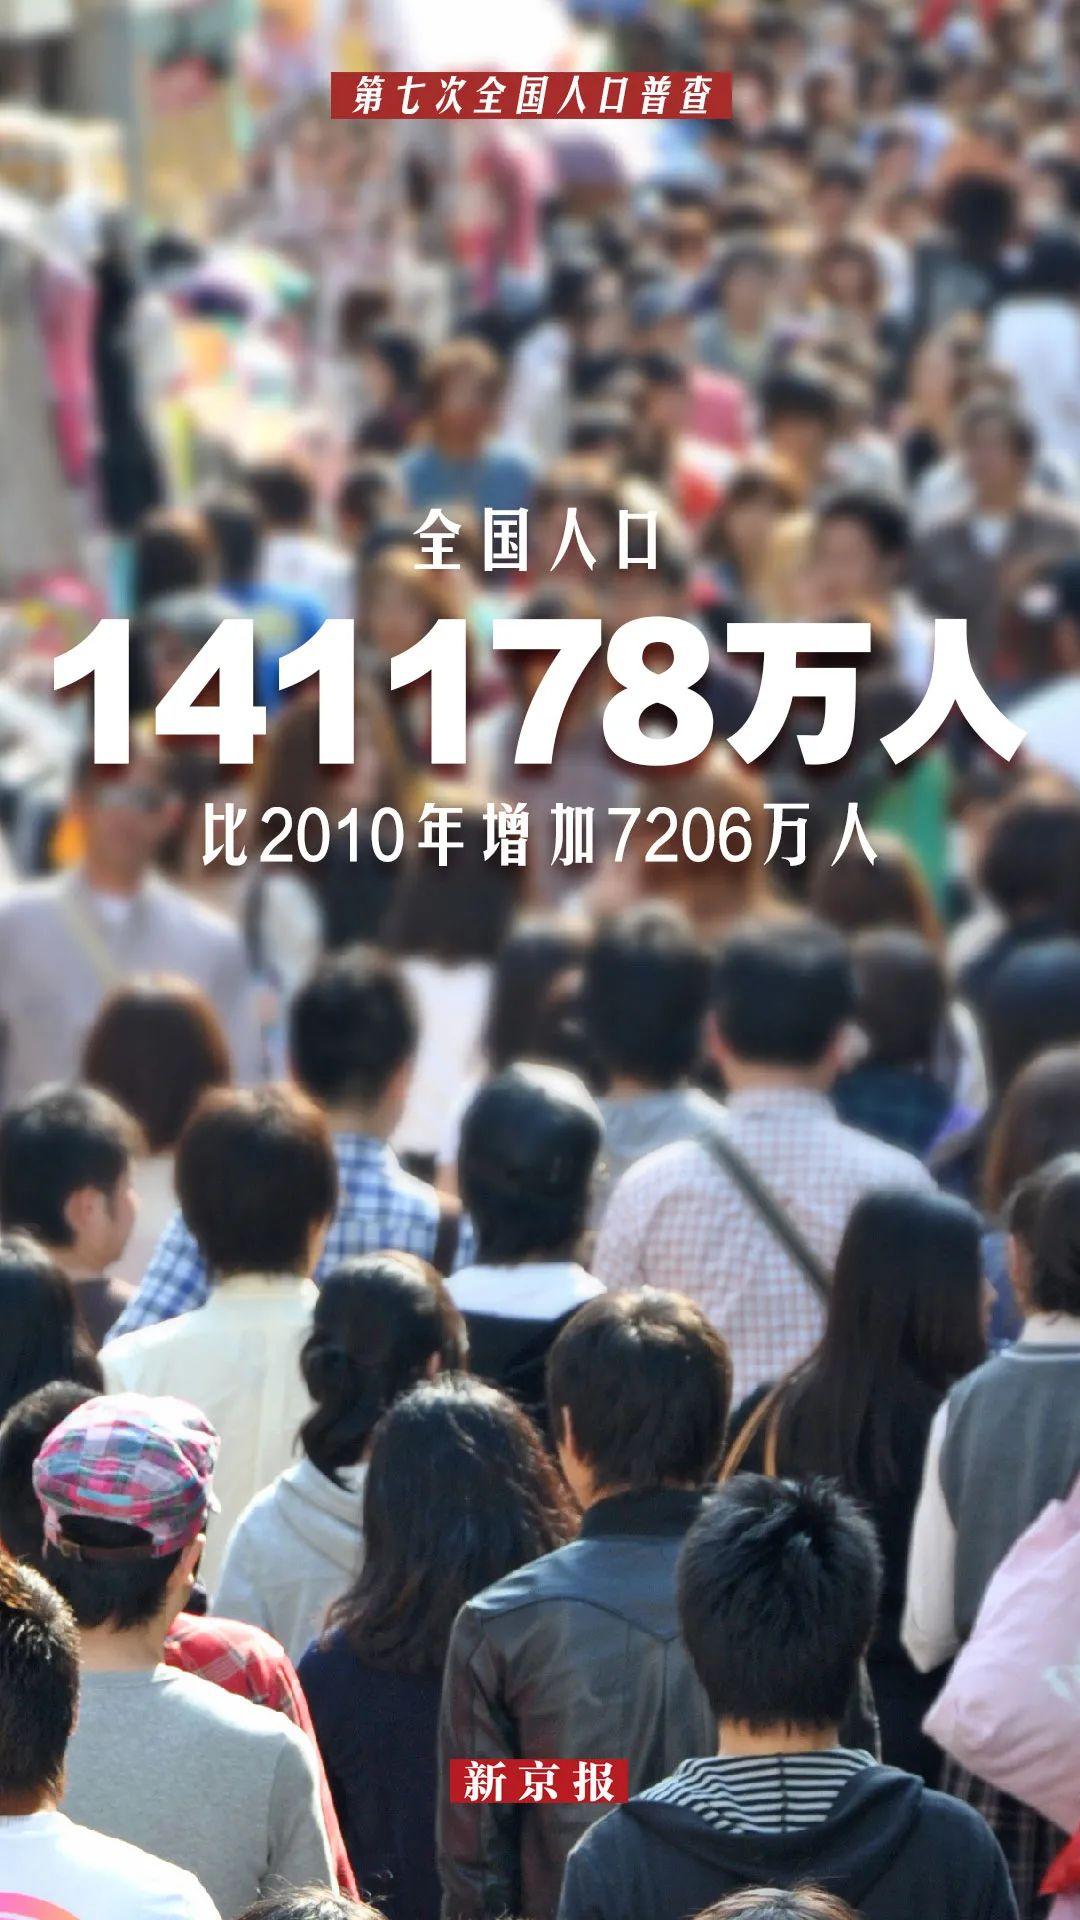 """新京报:第七次人口普查结果出炉 为什么说""""人口红利消失论""""不可取图片"""